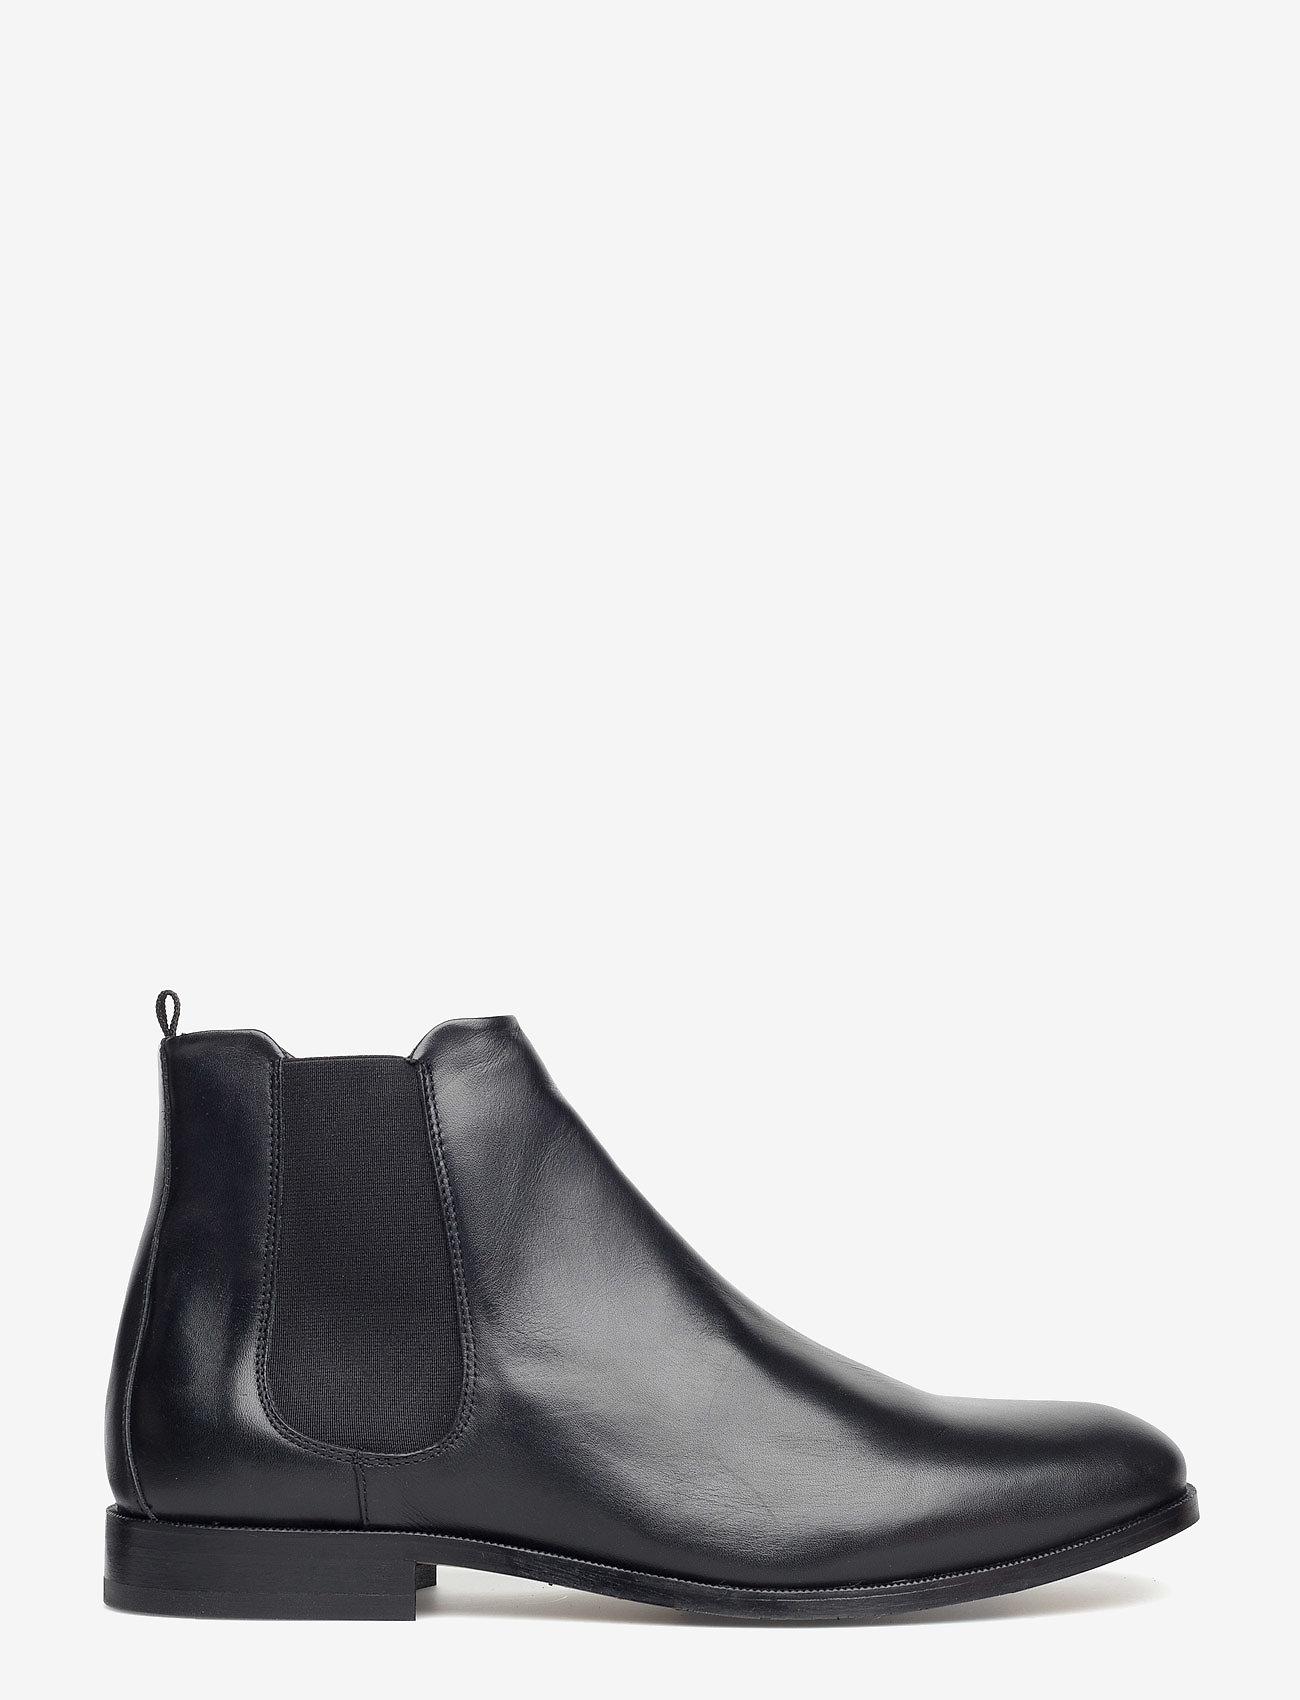 Cast Classic Derby Shoe (Black) - Royal RepubliQ 1egnwp